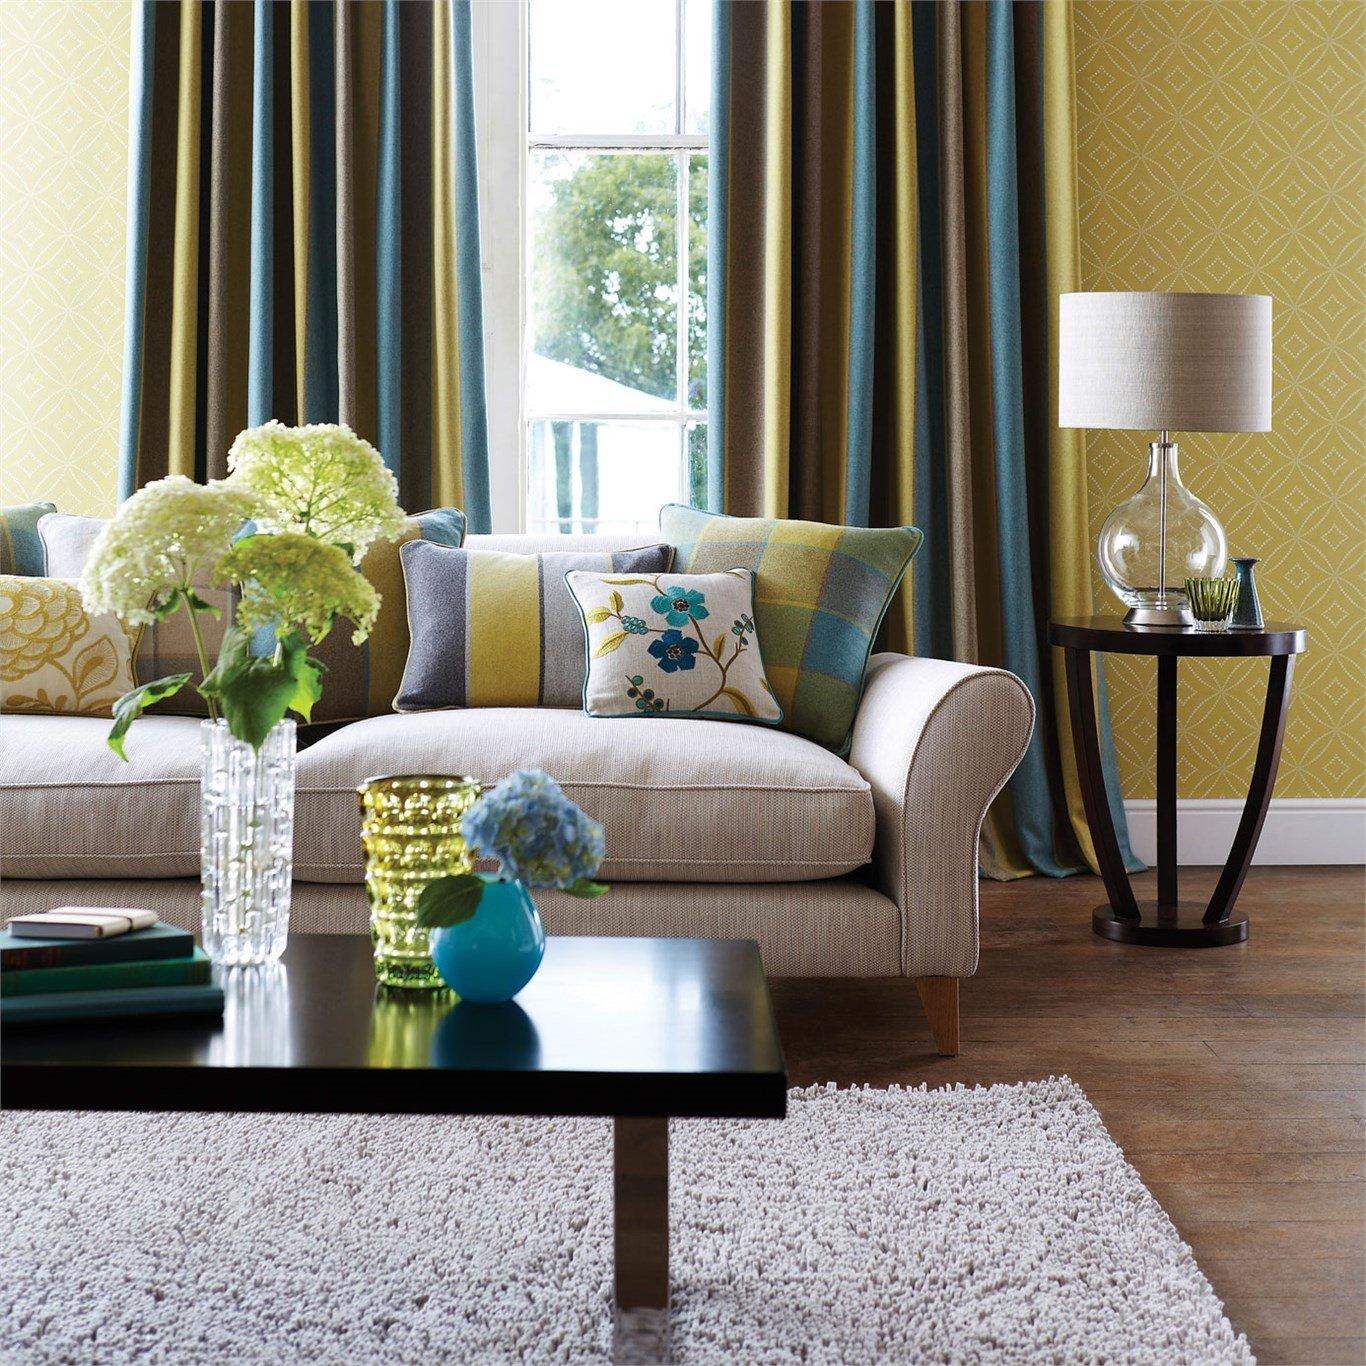 Soggiorno con divano e un tavolino in legno